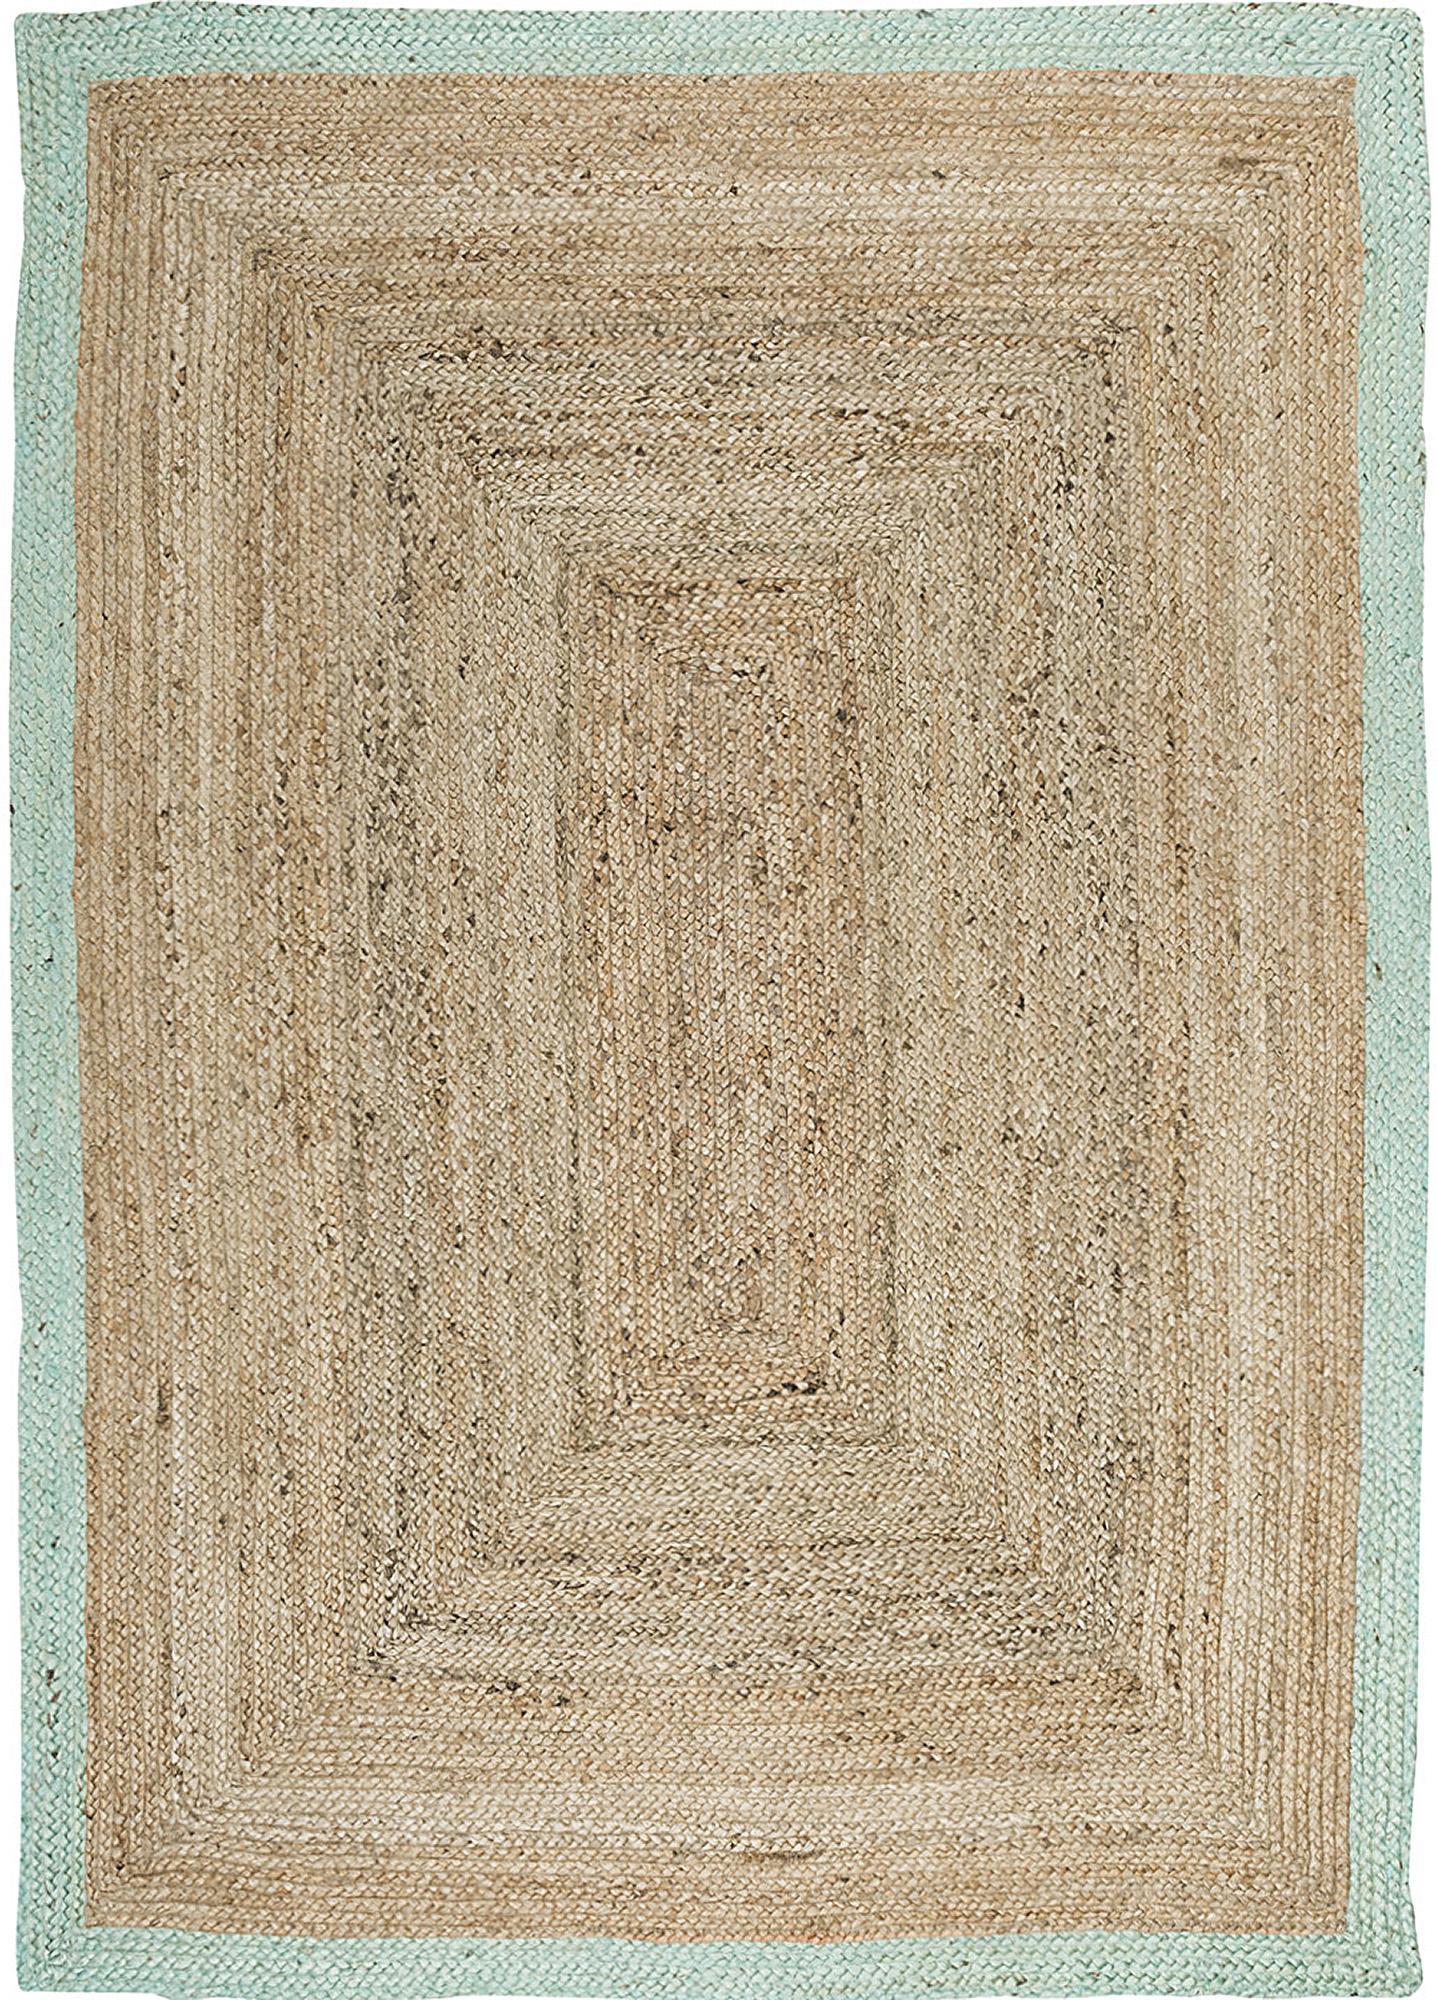 Handgefertigter Jute-Teppich Shanta mit mintgrünem Rand, Jute, Mintgrün, B 120 x L 180 cm (Grösse S)